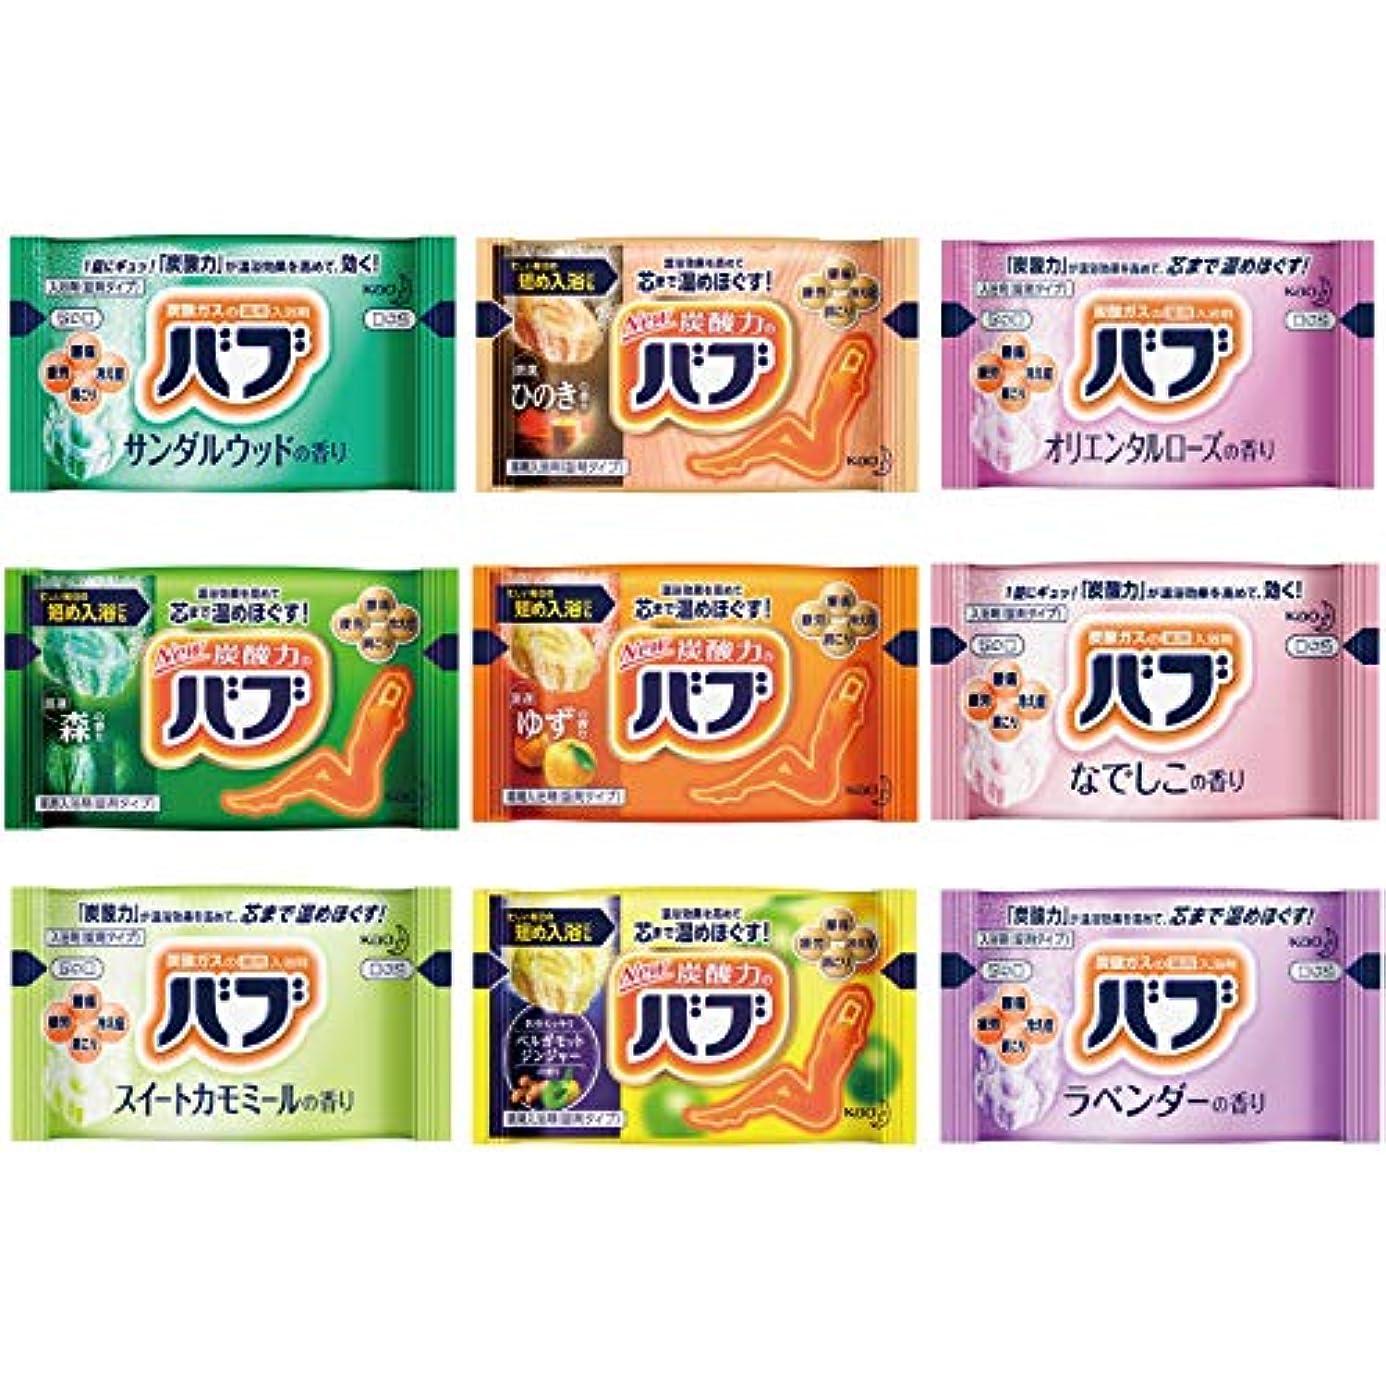 月面高価なメトロポリタン花王 バブ 入浴剤セット 9種類の香り 36錠(9種類x4錠)